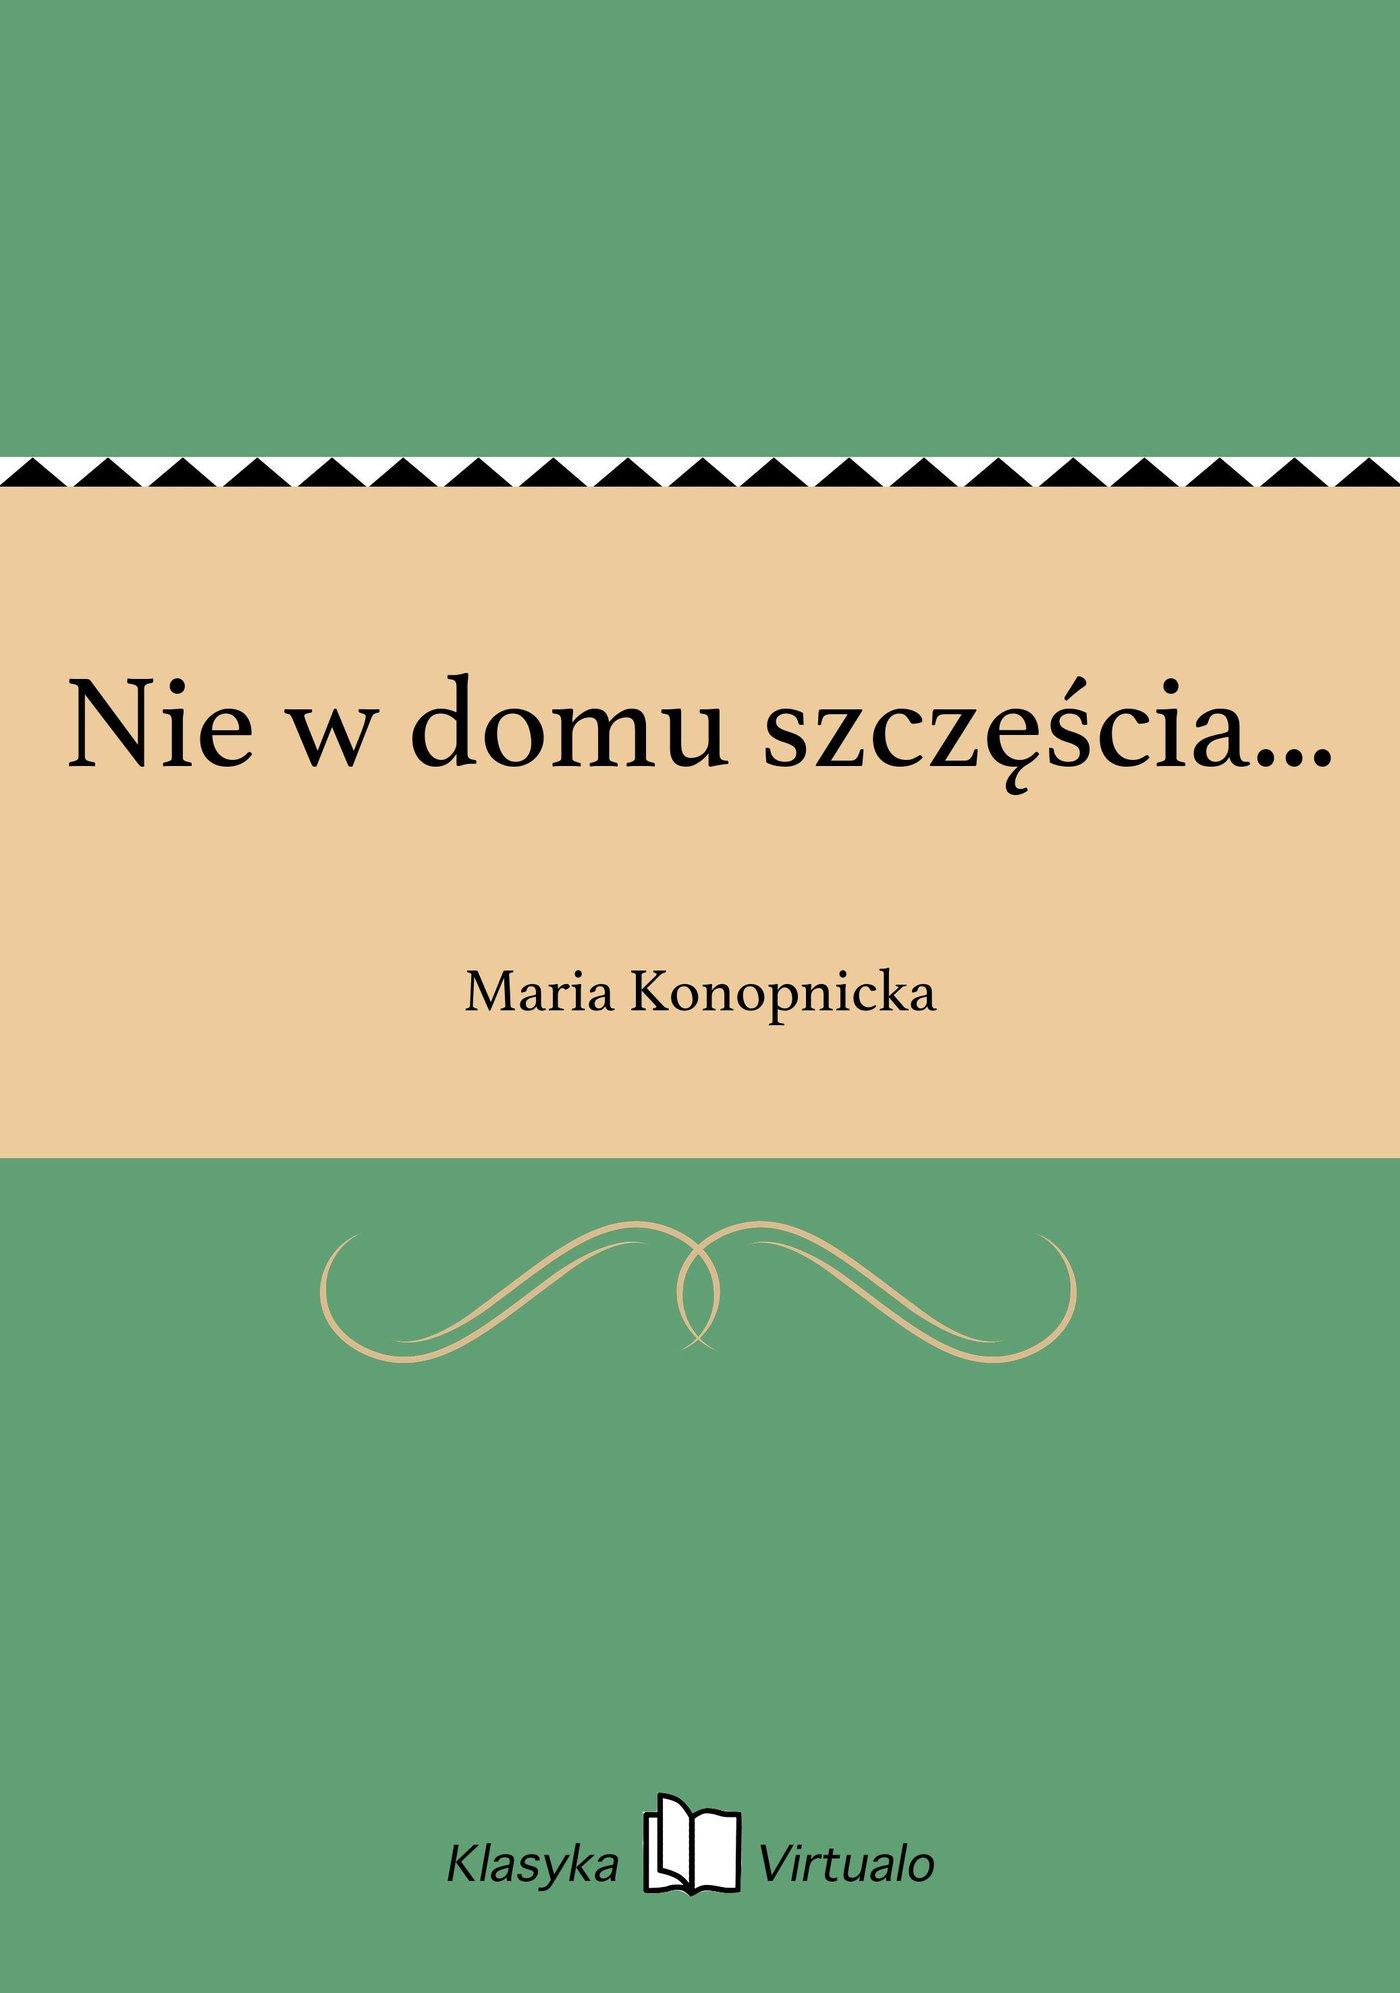 Nie w domu szczęścia... - Ebook (Książka EPUB) do pobrania w formacie EPUB